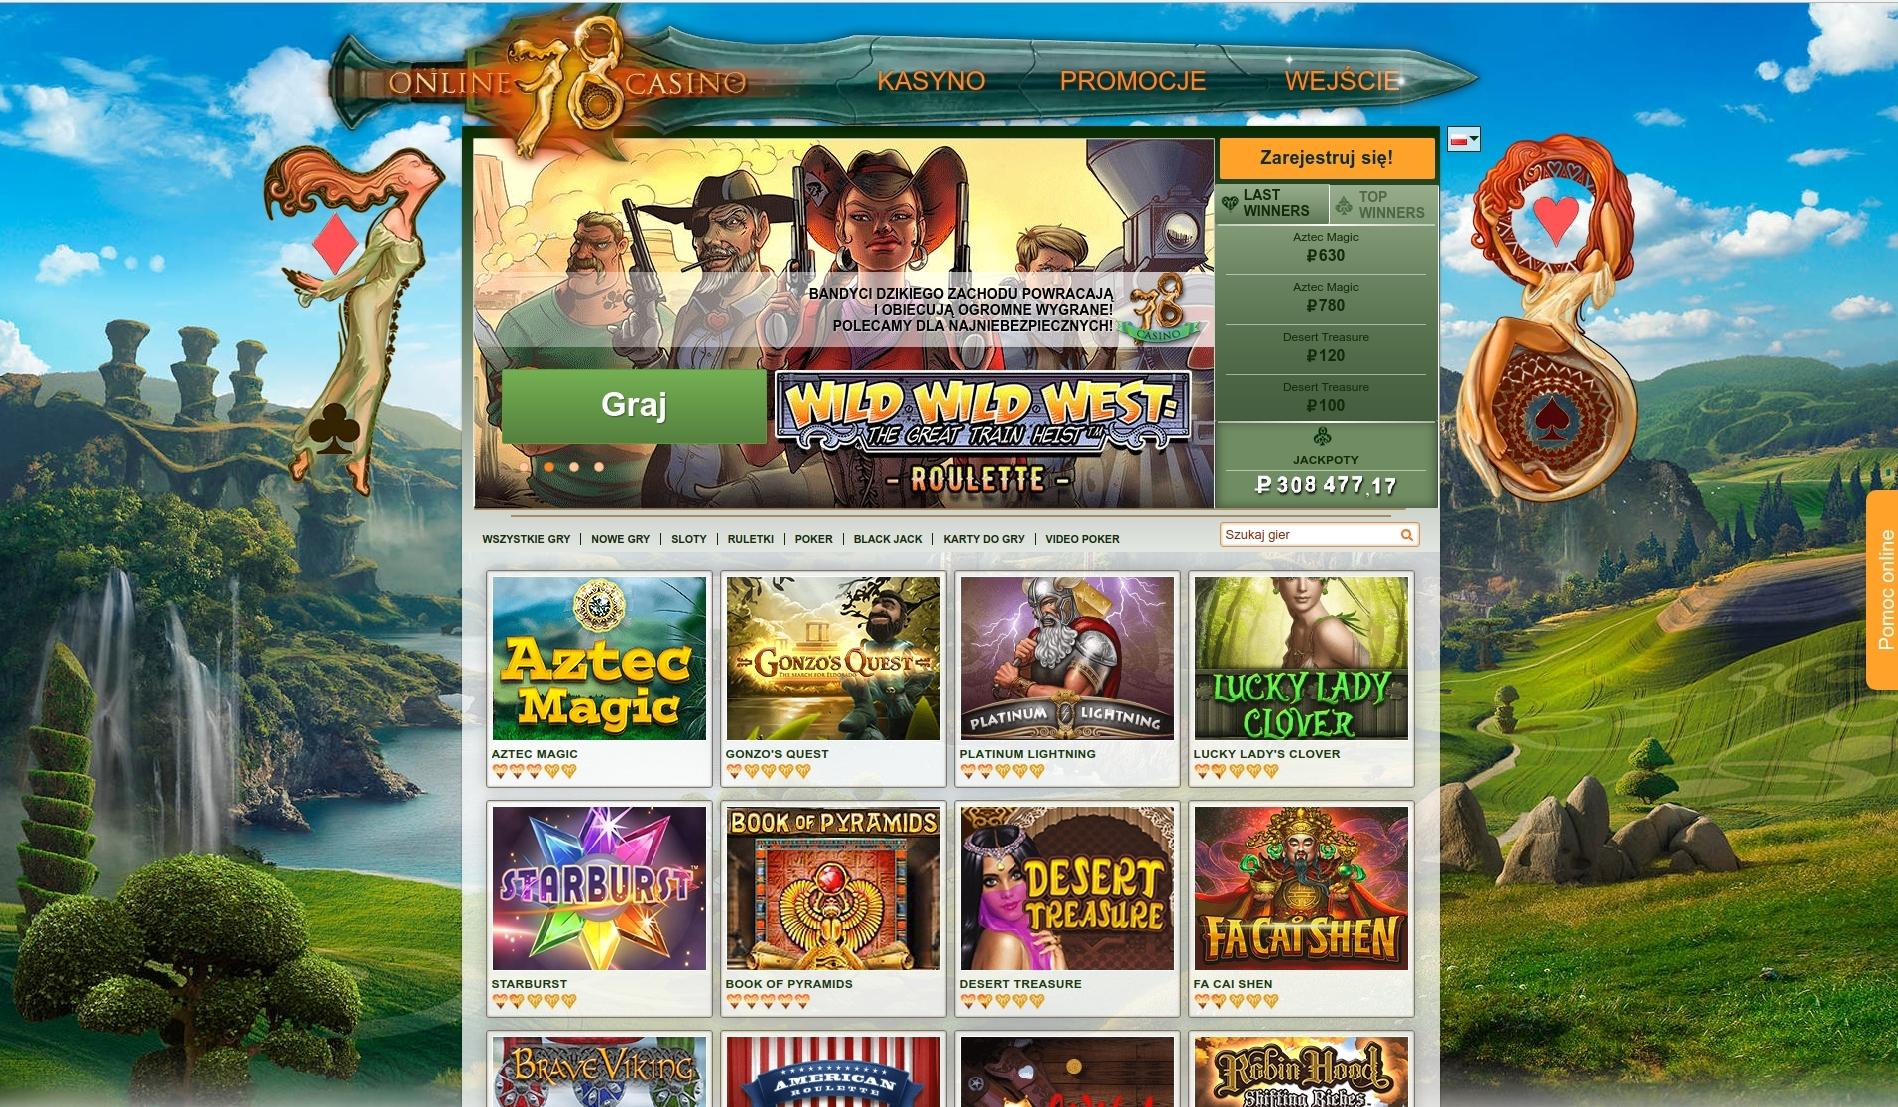 официальный сайт онлайн 78 казино отзывы